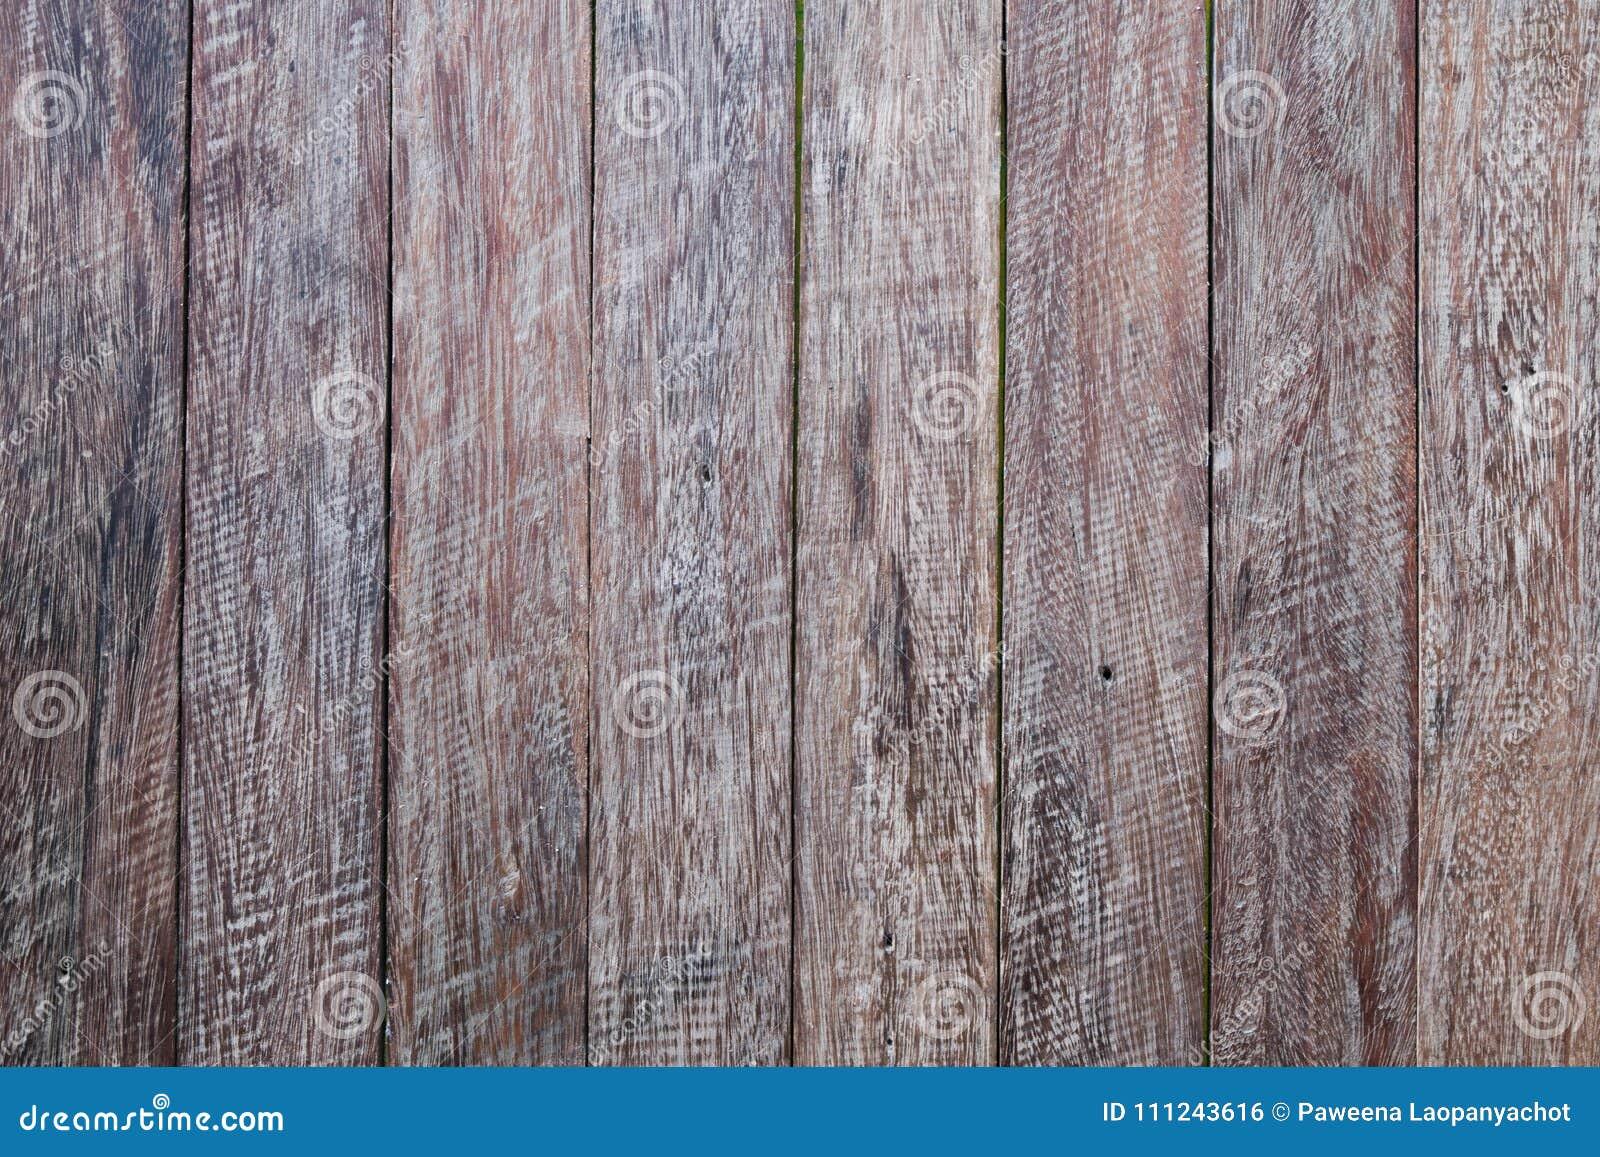 Viejos fondos de madera, de madera